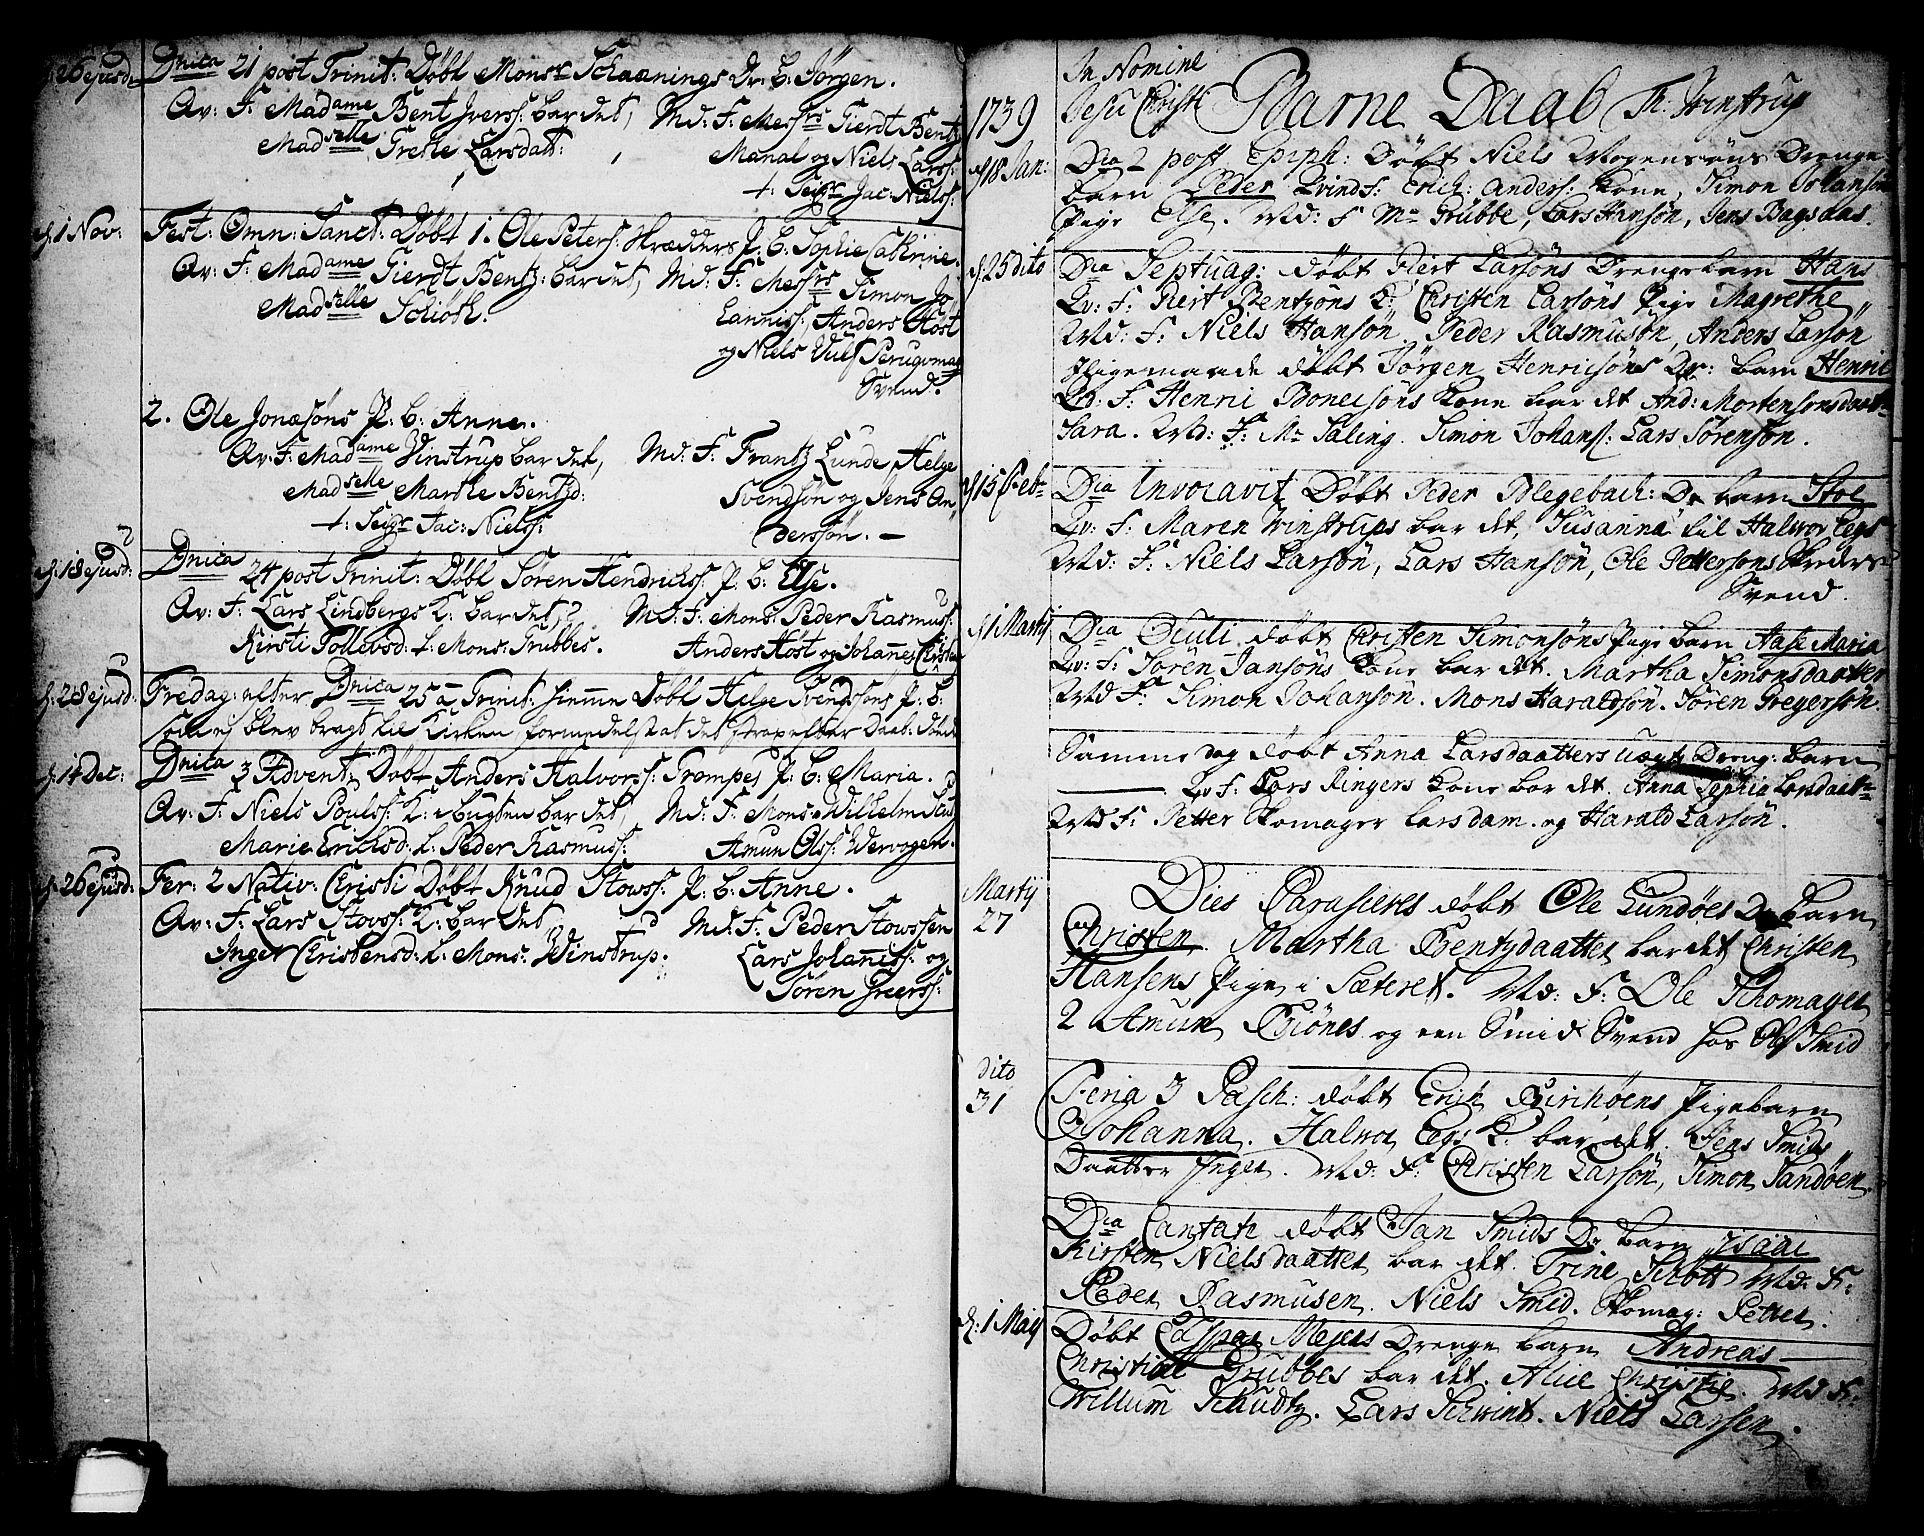 SAKO, Brevik kirkebøker, F/Fa/L0002: Ministerialbok nr. 2, 1720-1764, s. 34j